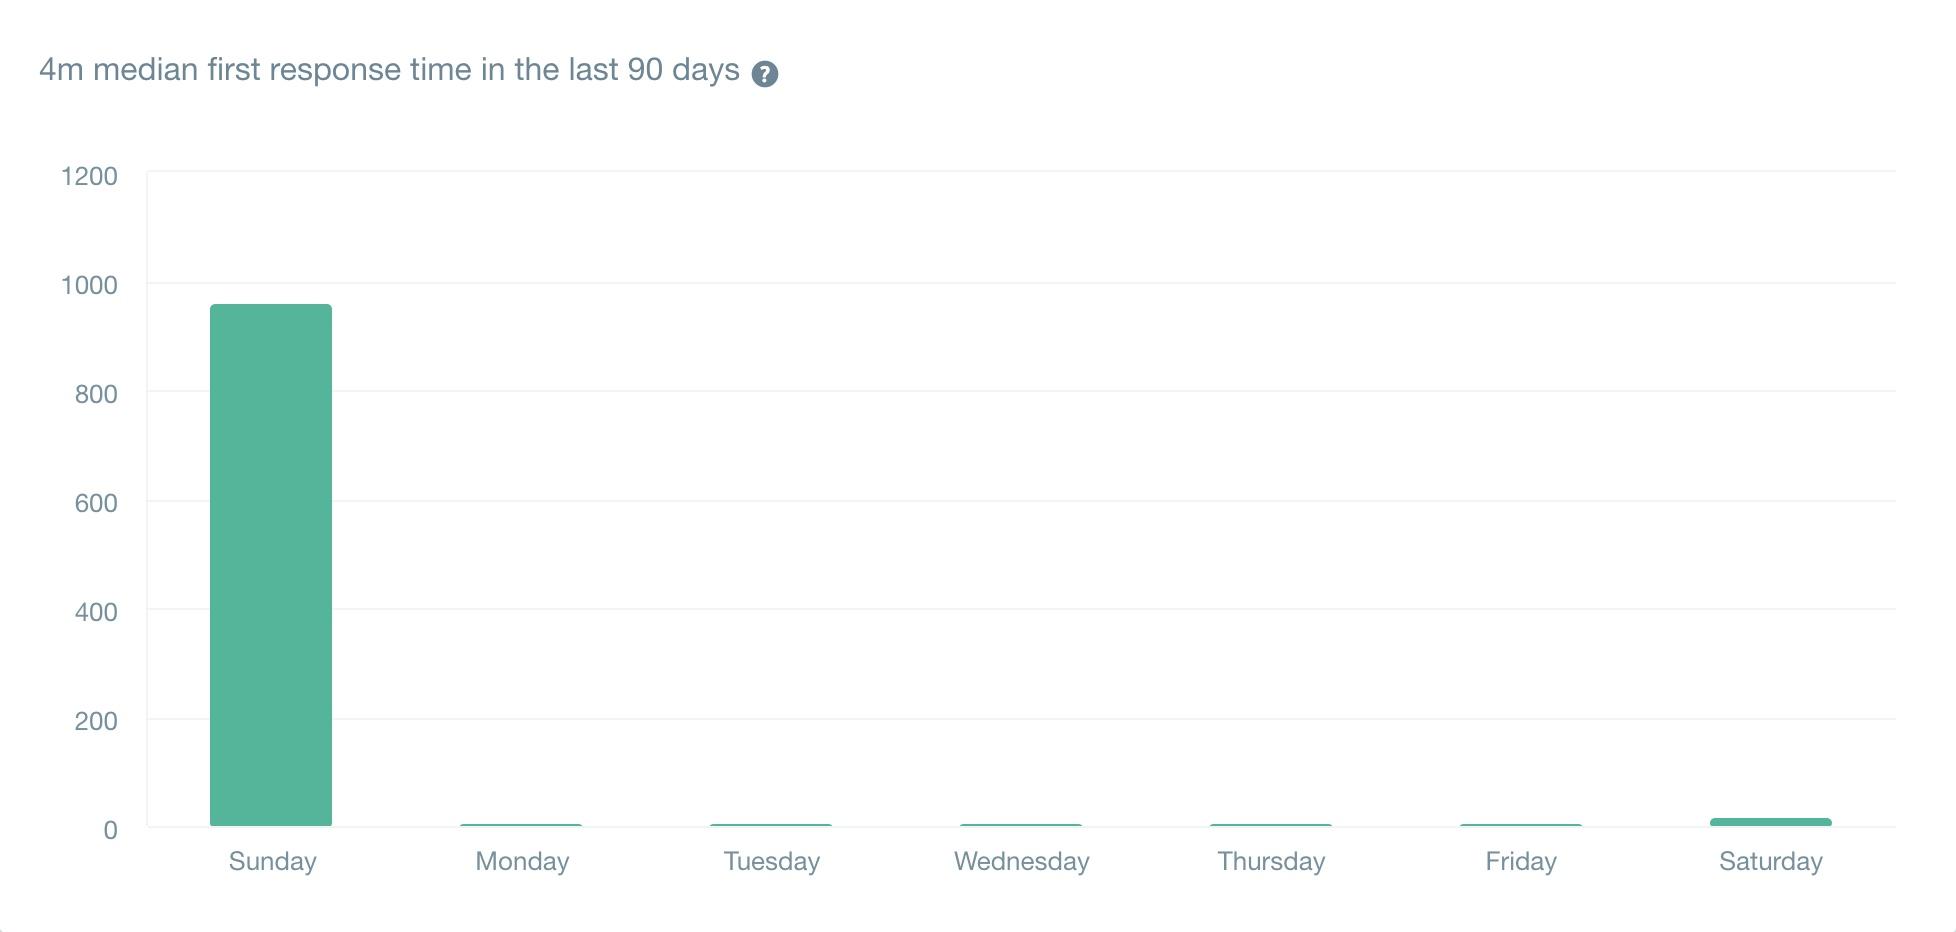 直近90日の初回回答時間の中央値は「4分」